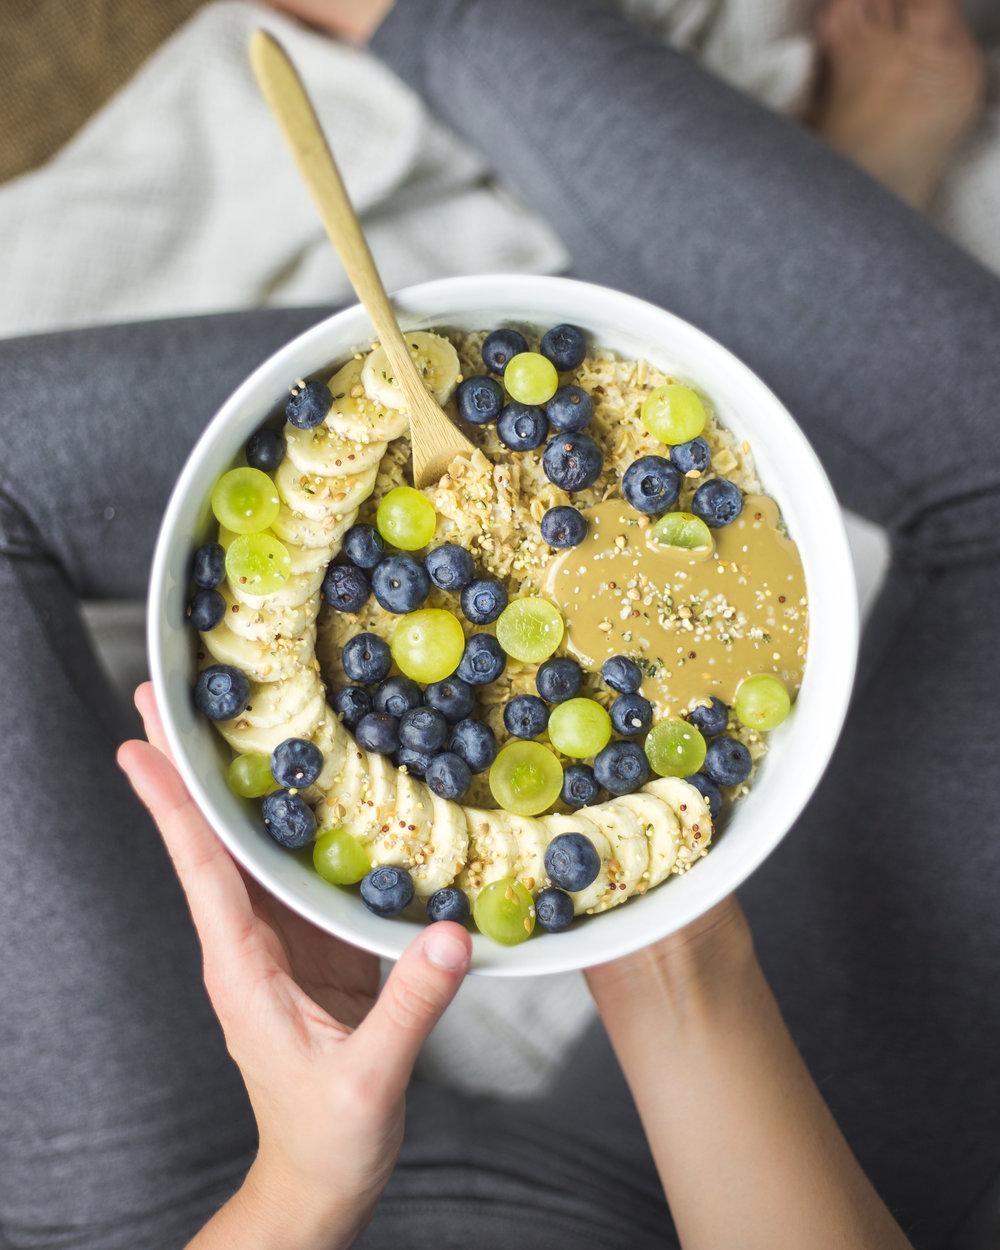 oatmeal_grapes_blueberries_banana_sunbutter.jpg